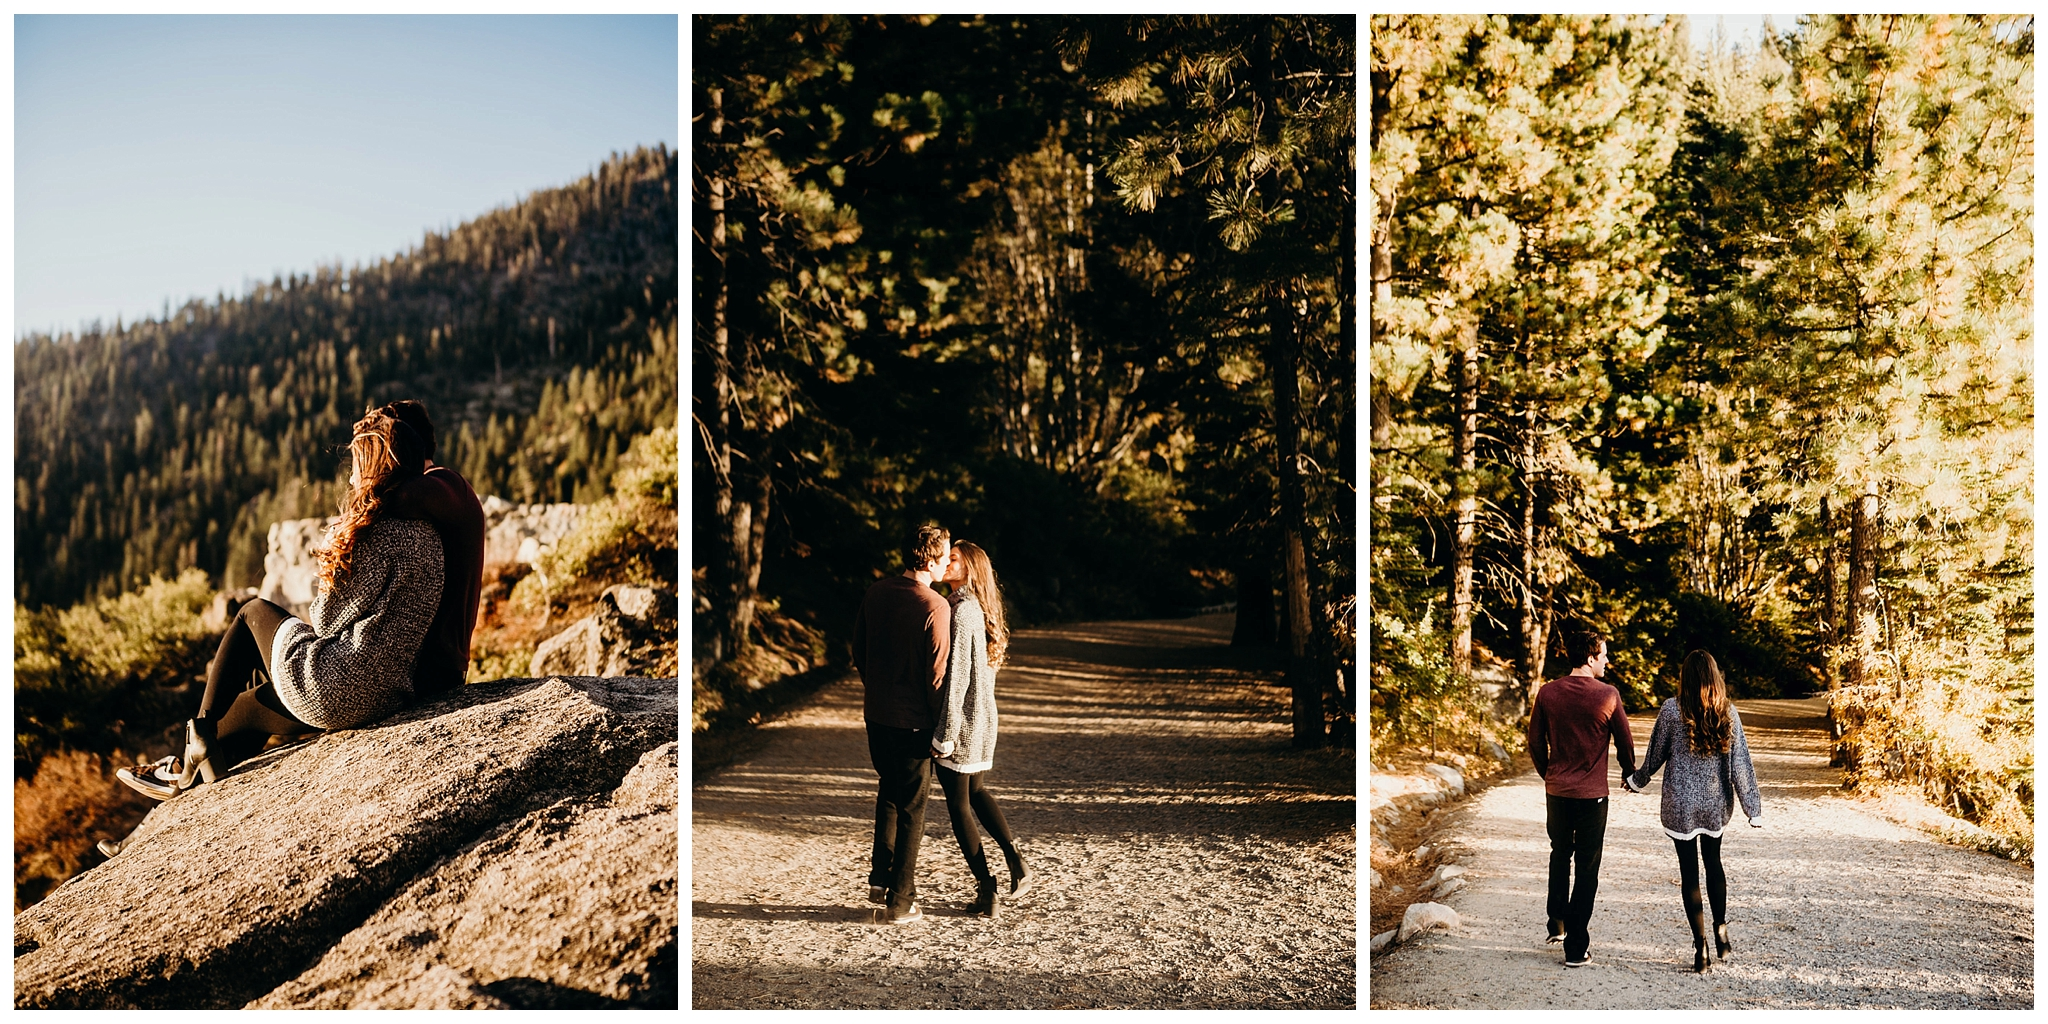 lake tahoe lifestyle photography - lake tahoe engagement photographer - lake tahoe elopement photographer - lake tahoe photographer - south lake tahoe photography-10.jpg